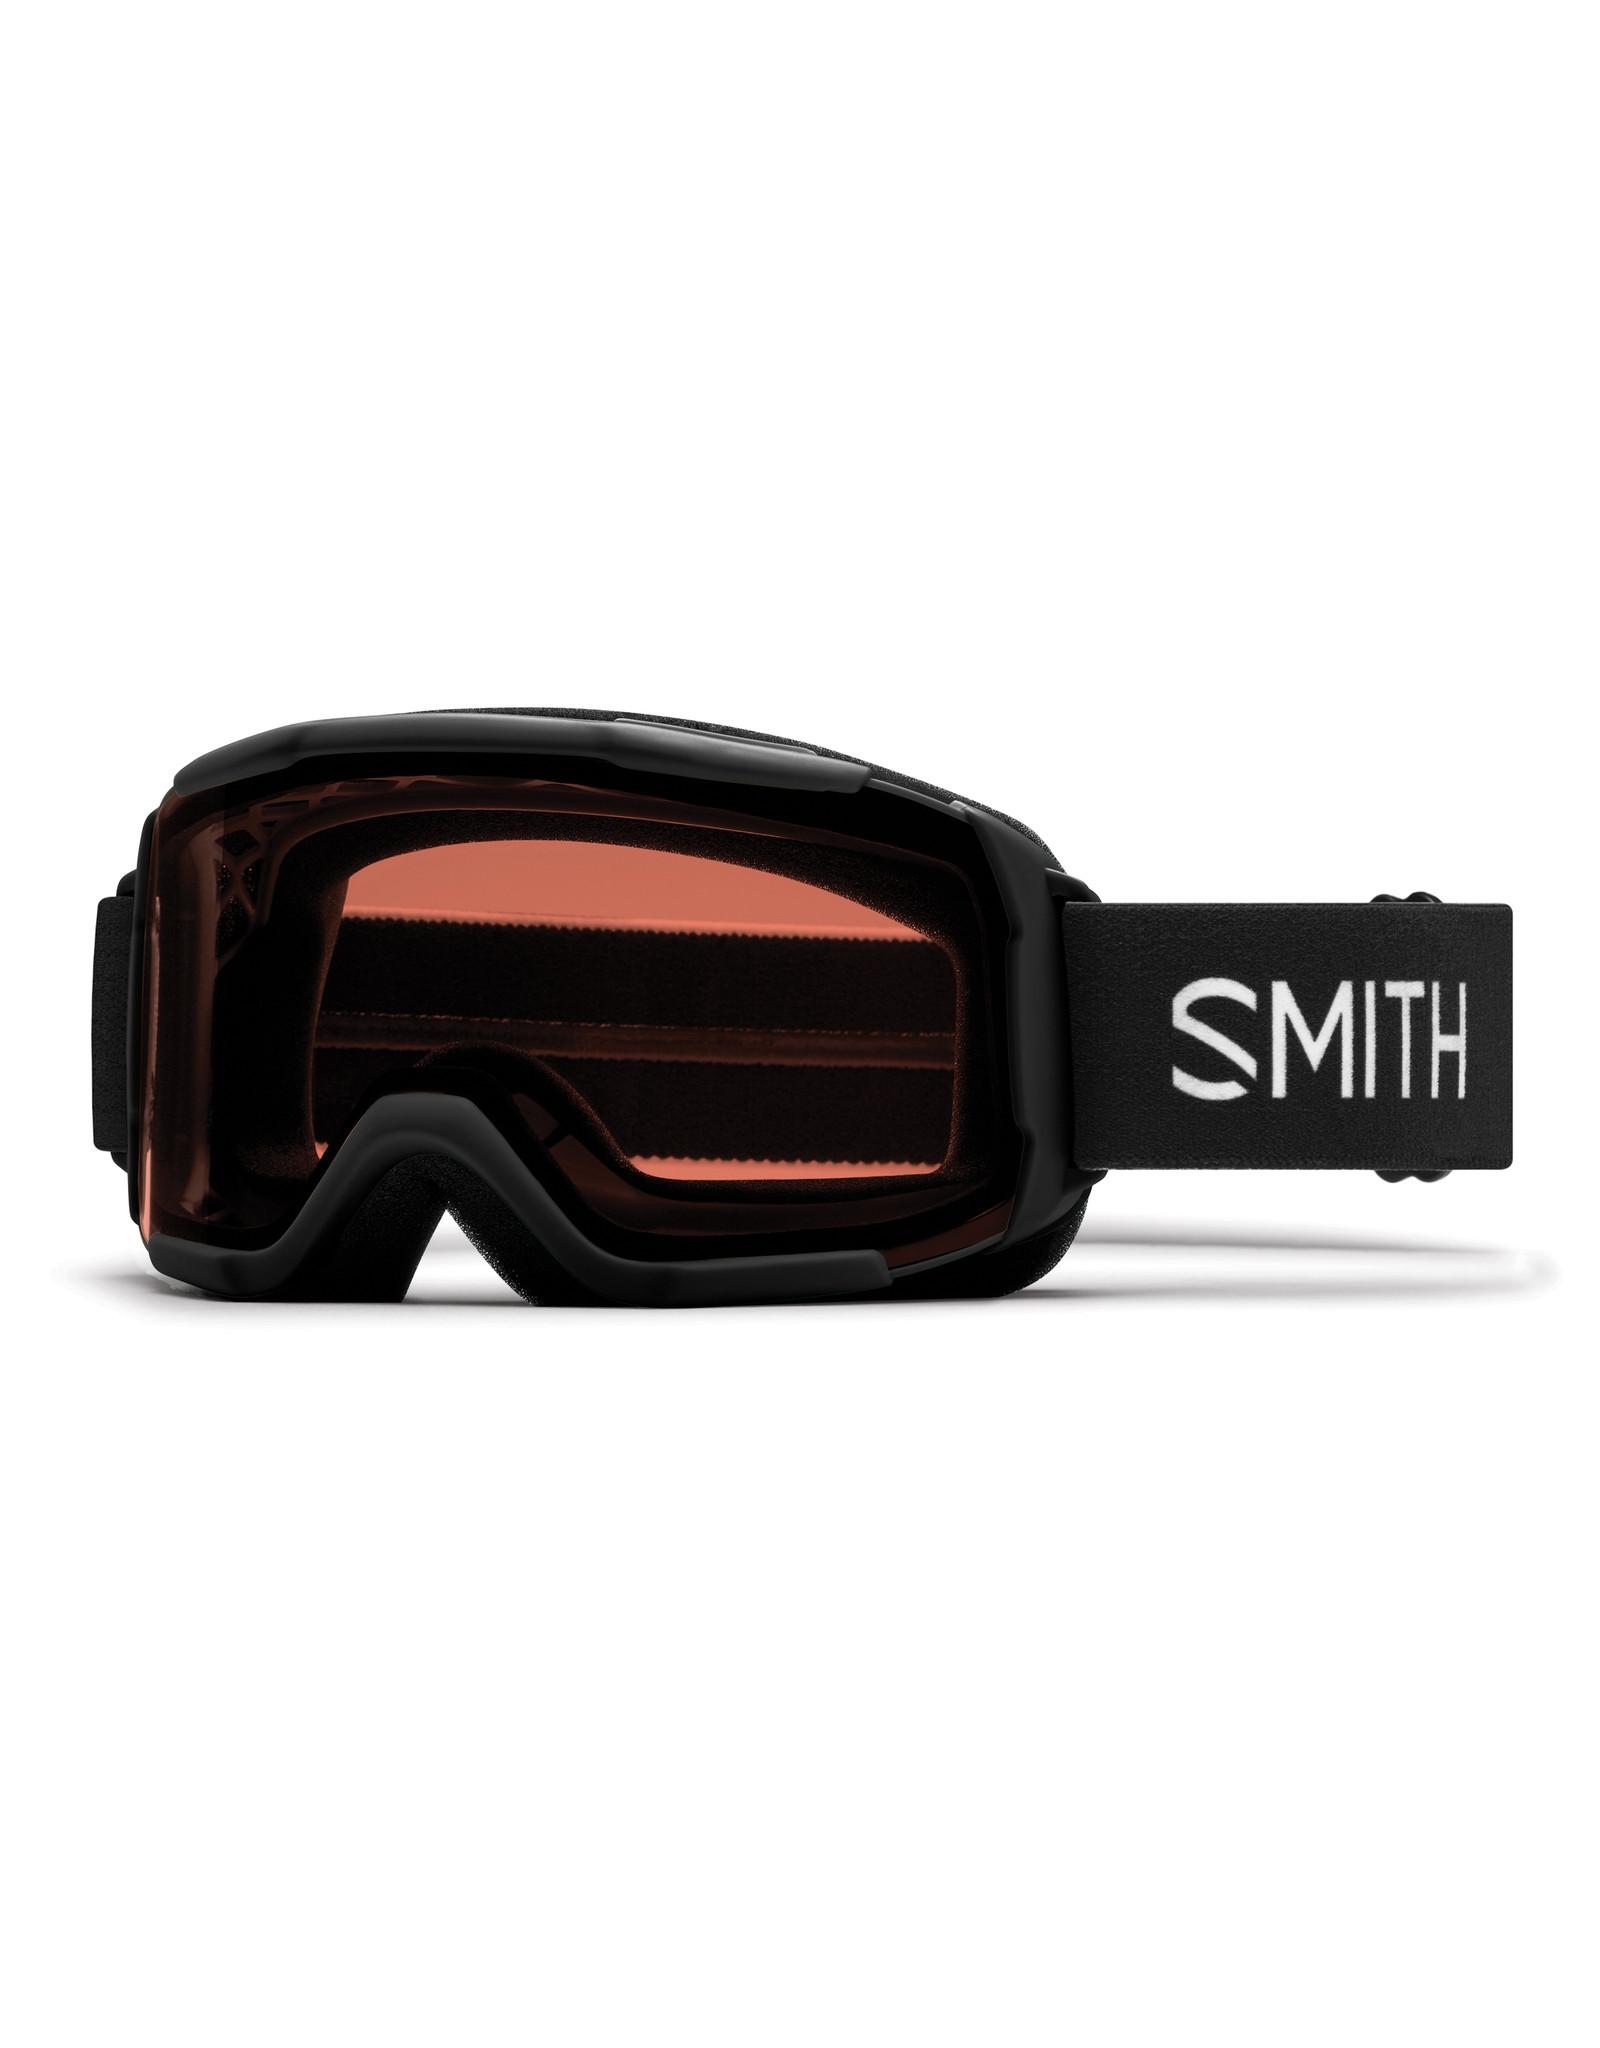 Smith Daredevil